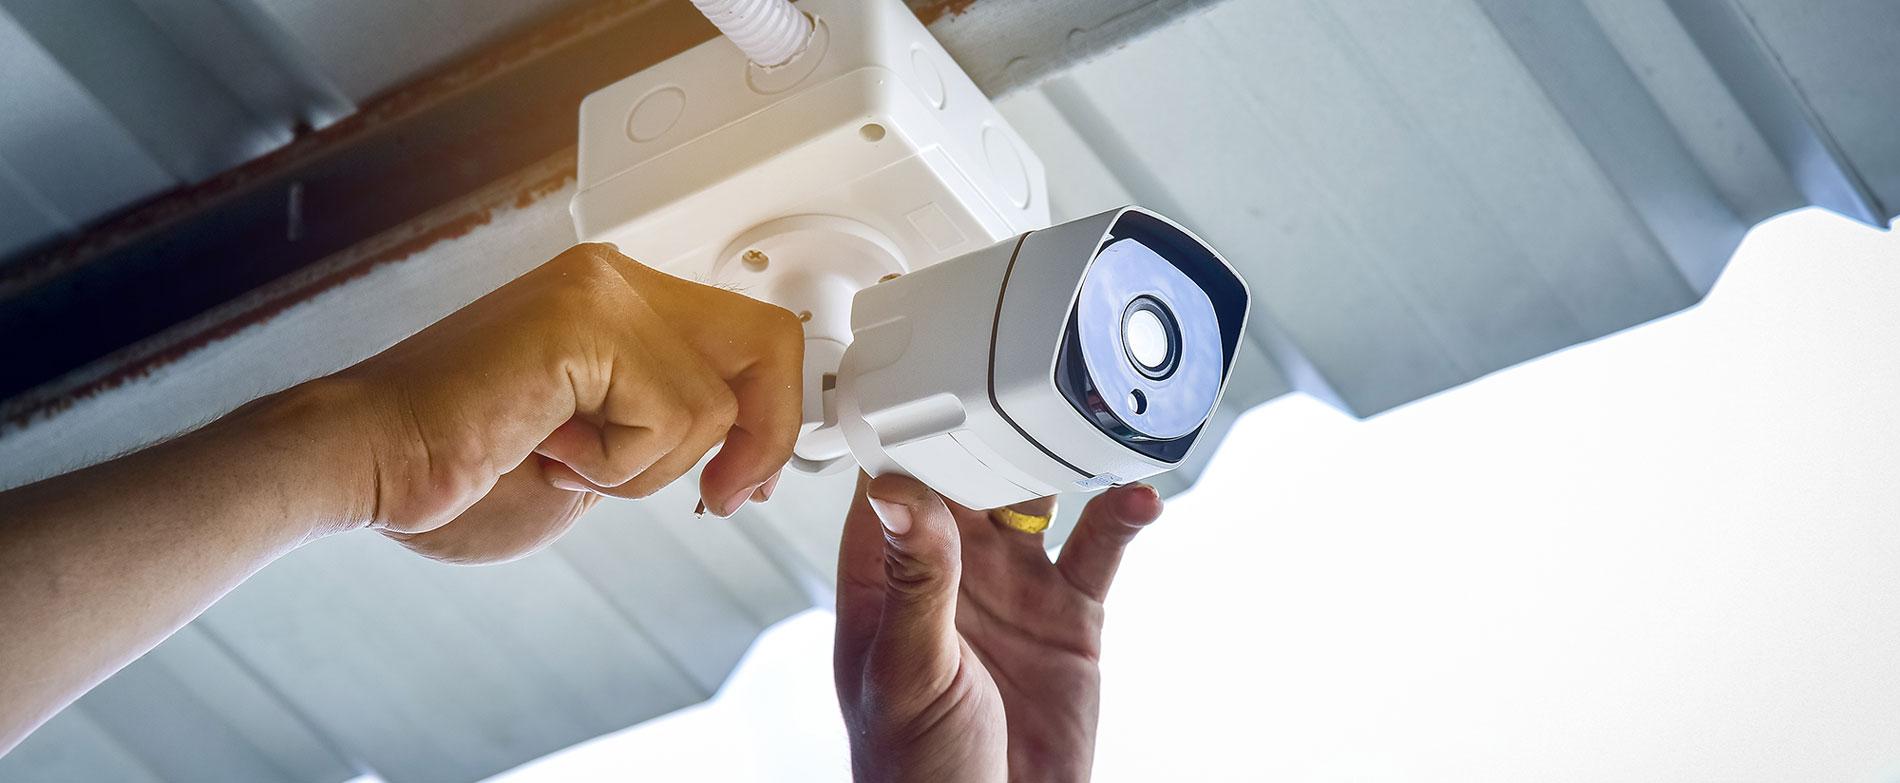 Techniker installiert Überwachungskamera